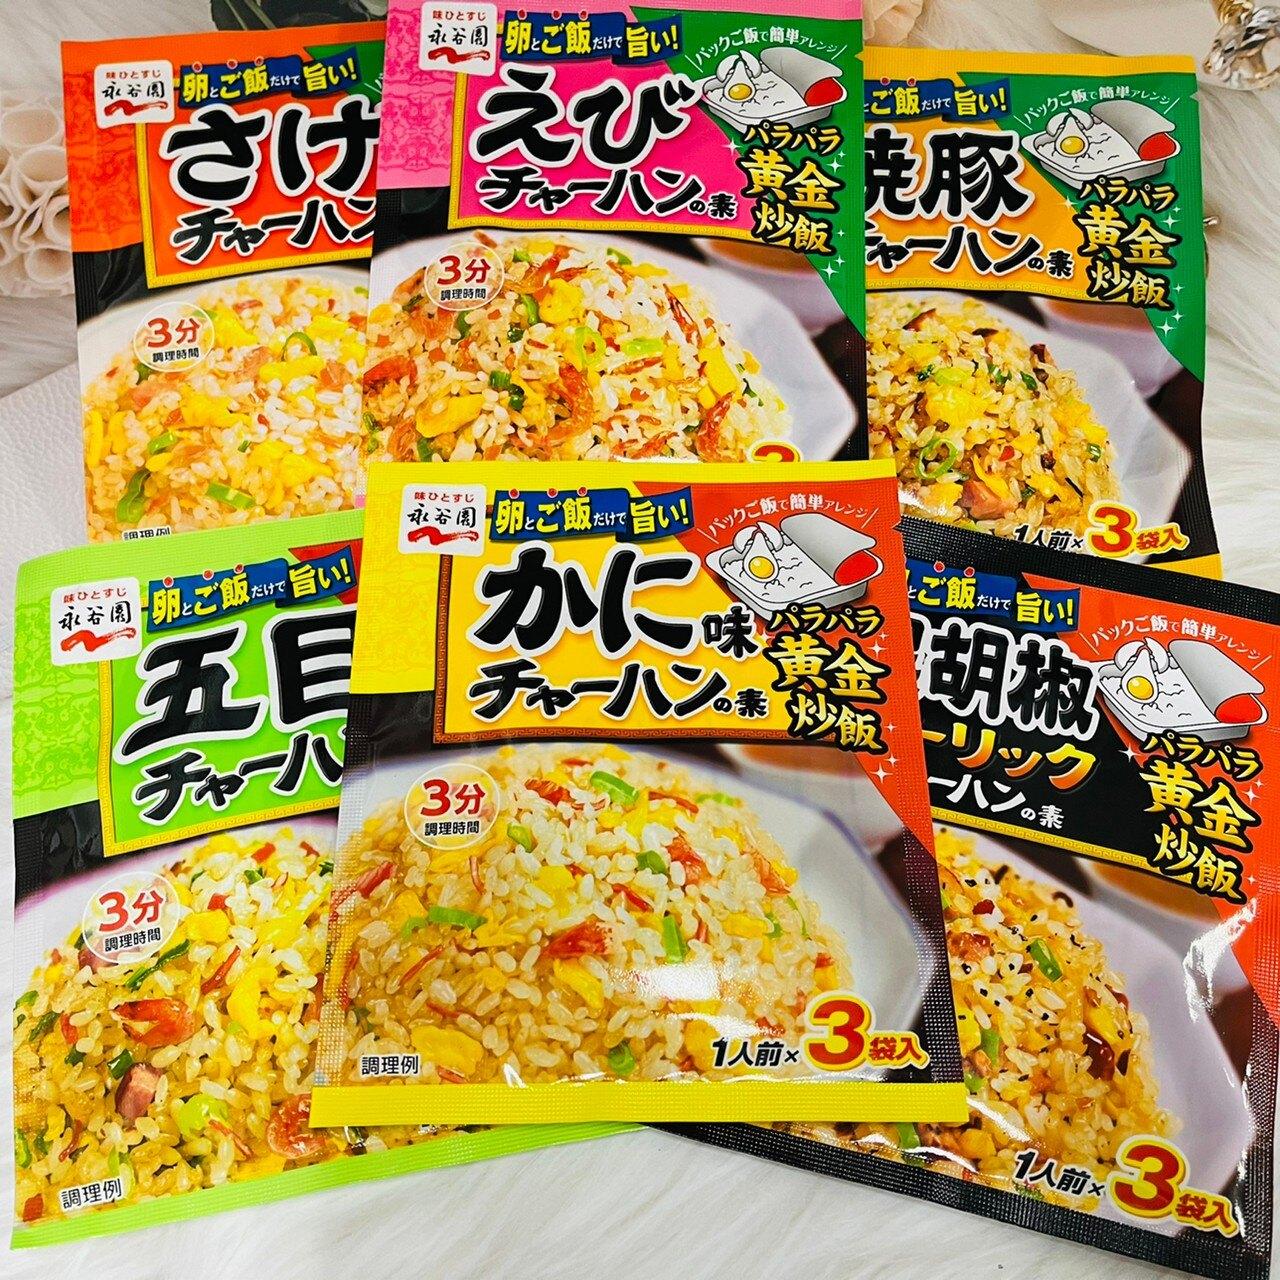 日本 永谷園 炒飯料(六種口味任選 蝦子/鮭魚/蟹味/黑胡椒/燒豚/五目)